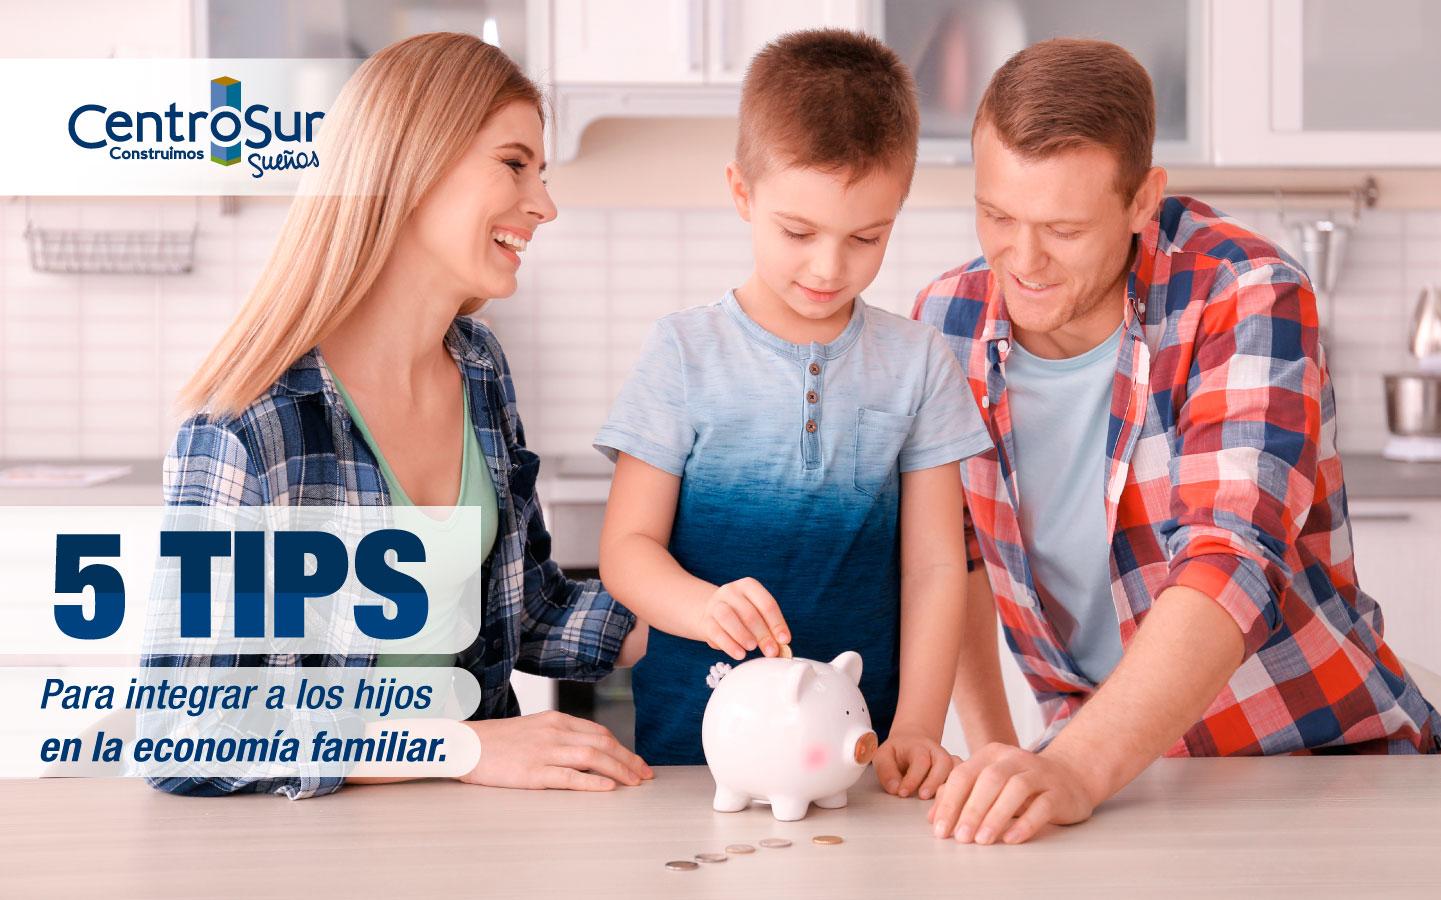 5 Tips para integrar a los hijos en la economía familiar